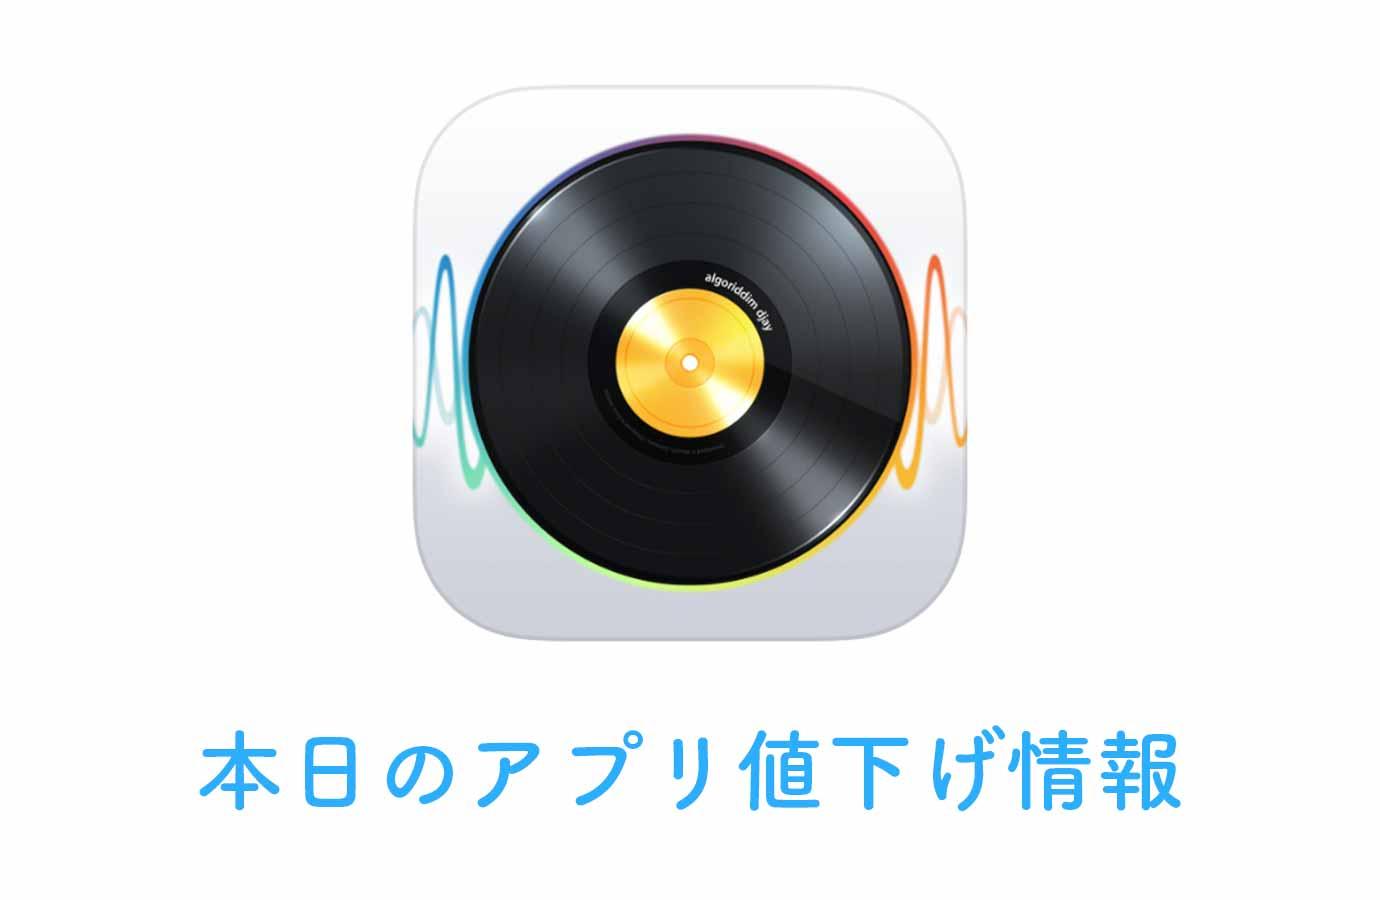 360円→240円!iPhoneで本格的なDJプレイができる「djay 2 for iPhone」など【1/7】アプリ値下げ情報